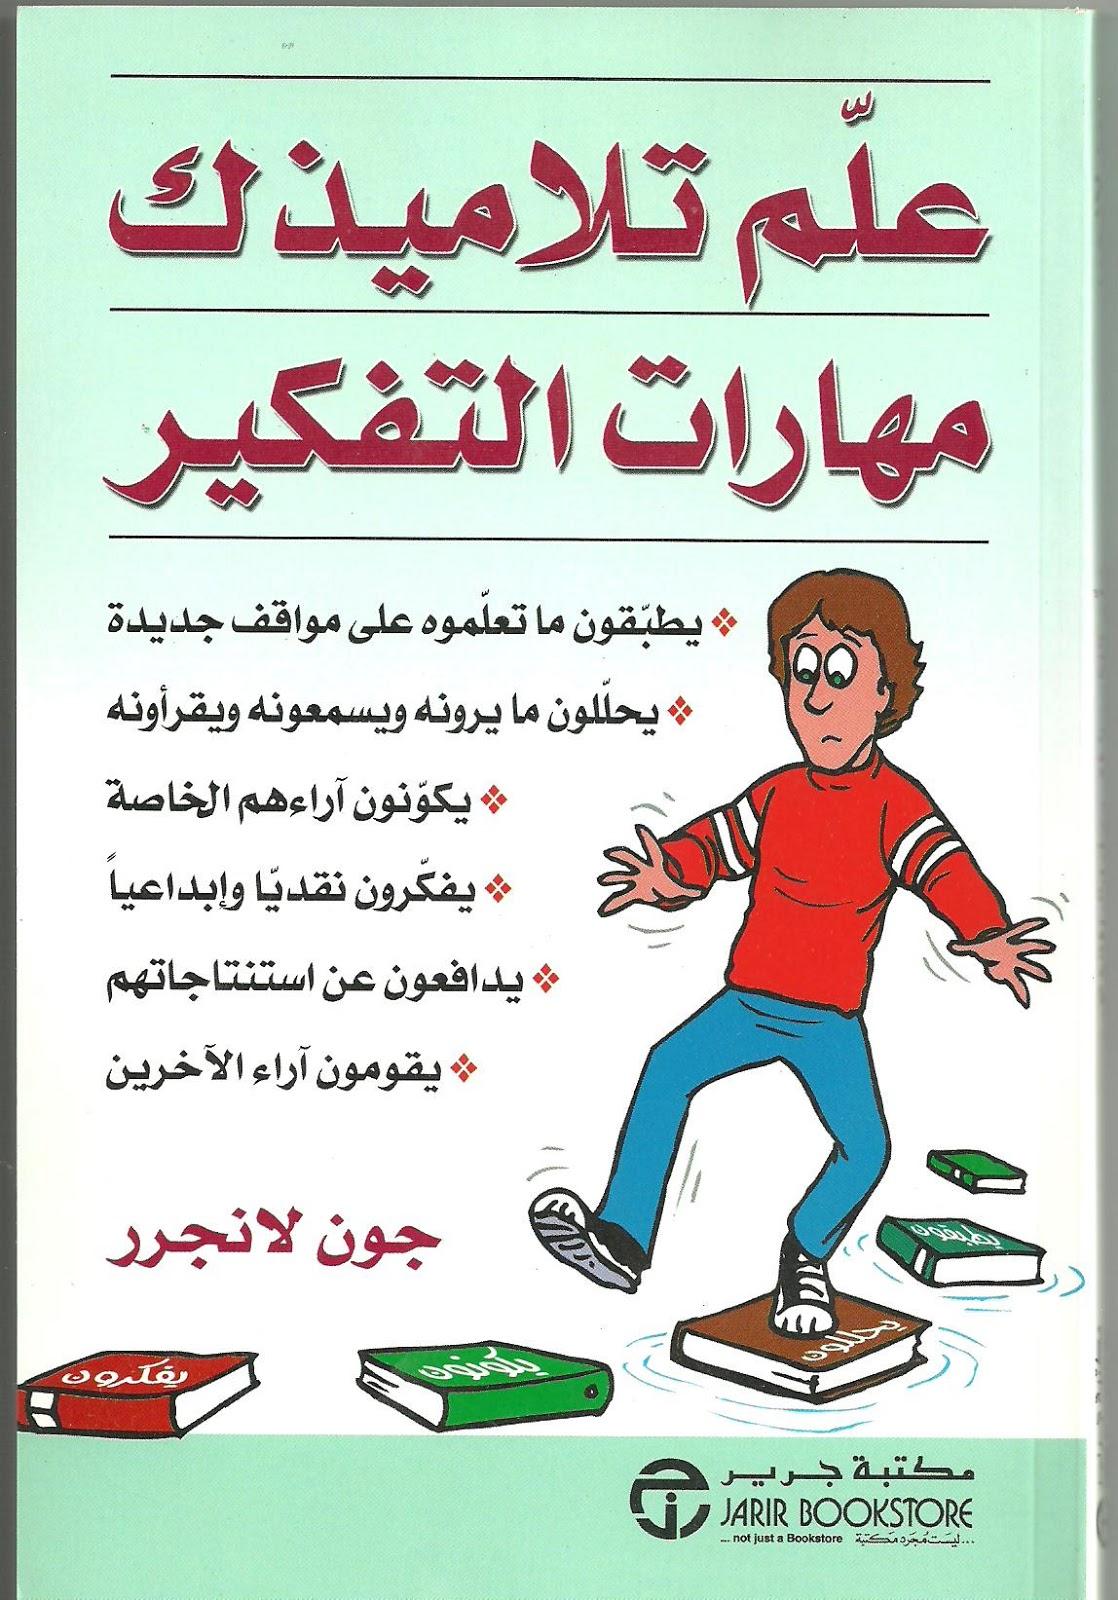 كتاب برنامج الكورت لتعليم التفكير pdf